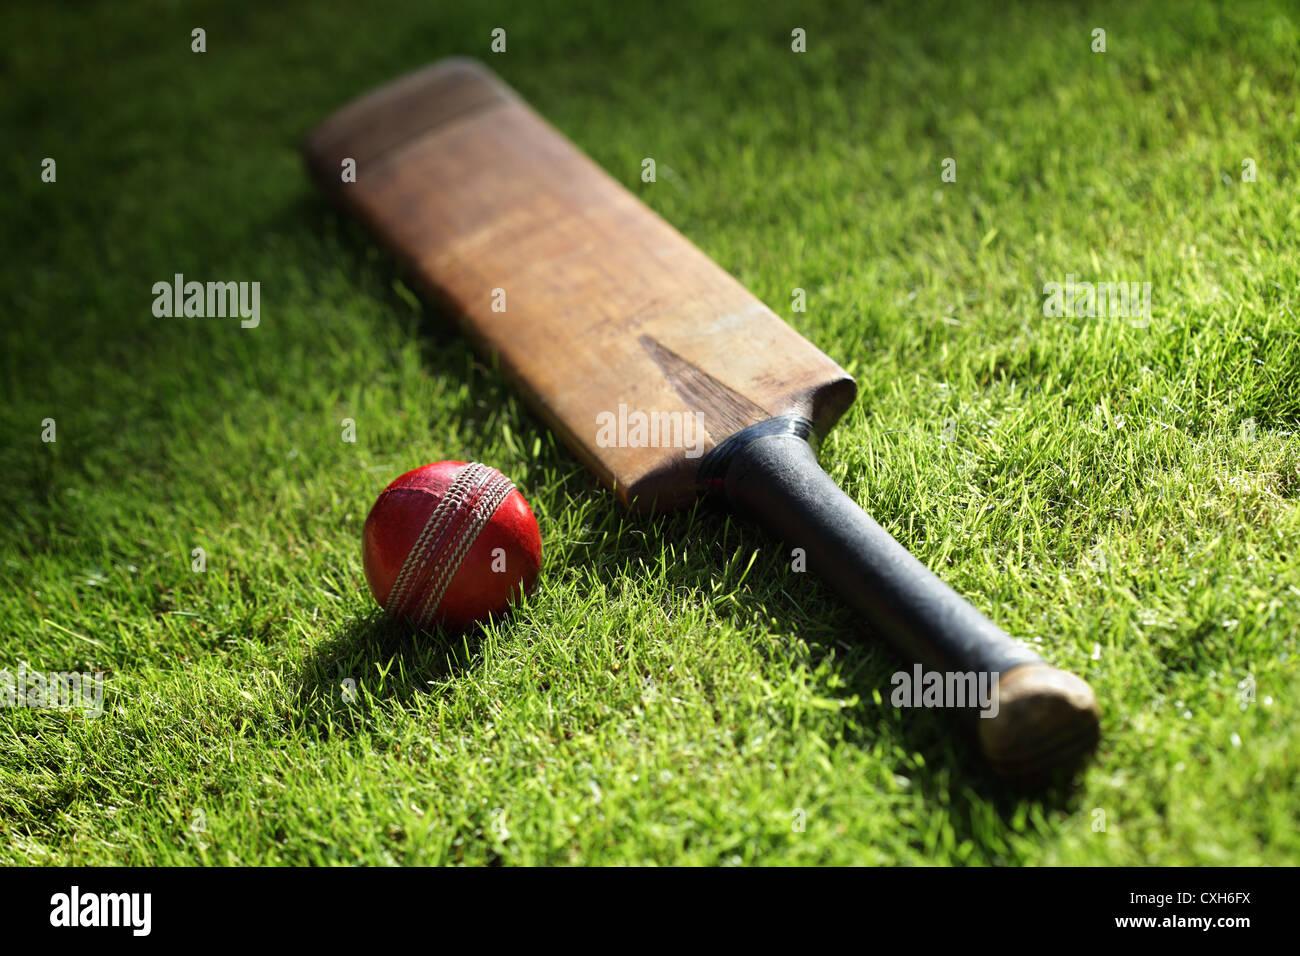 Bate de críquet y bola Imagen De Stock